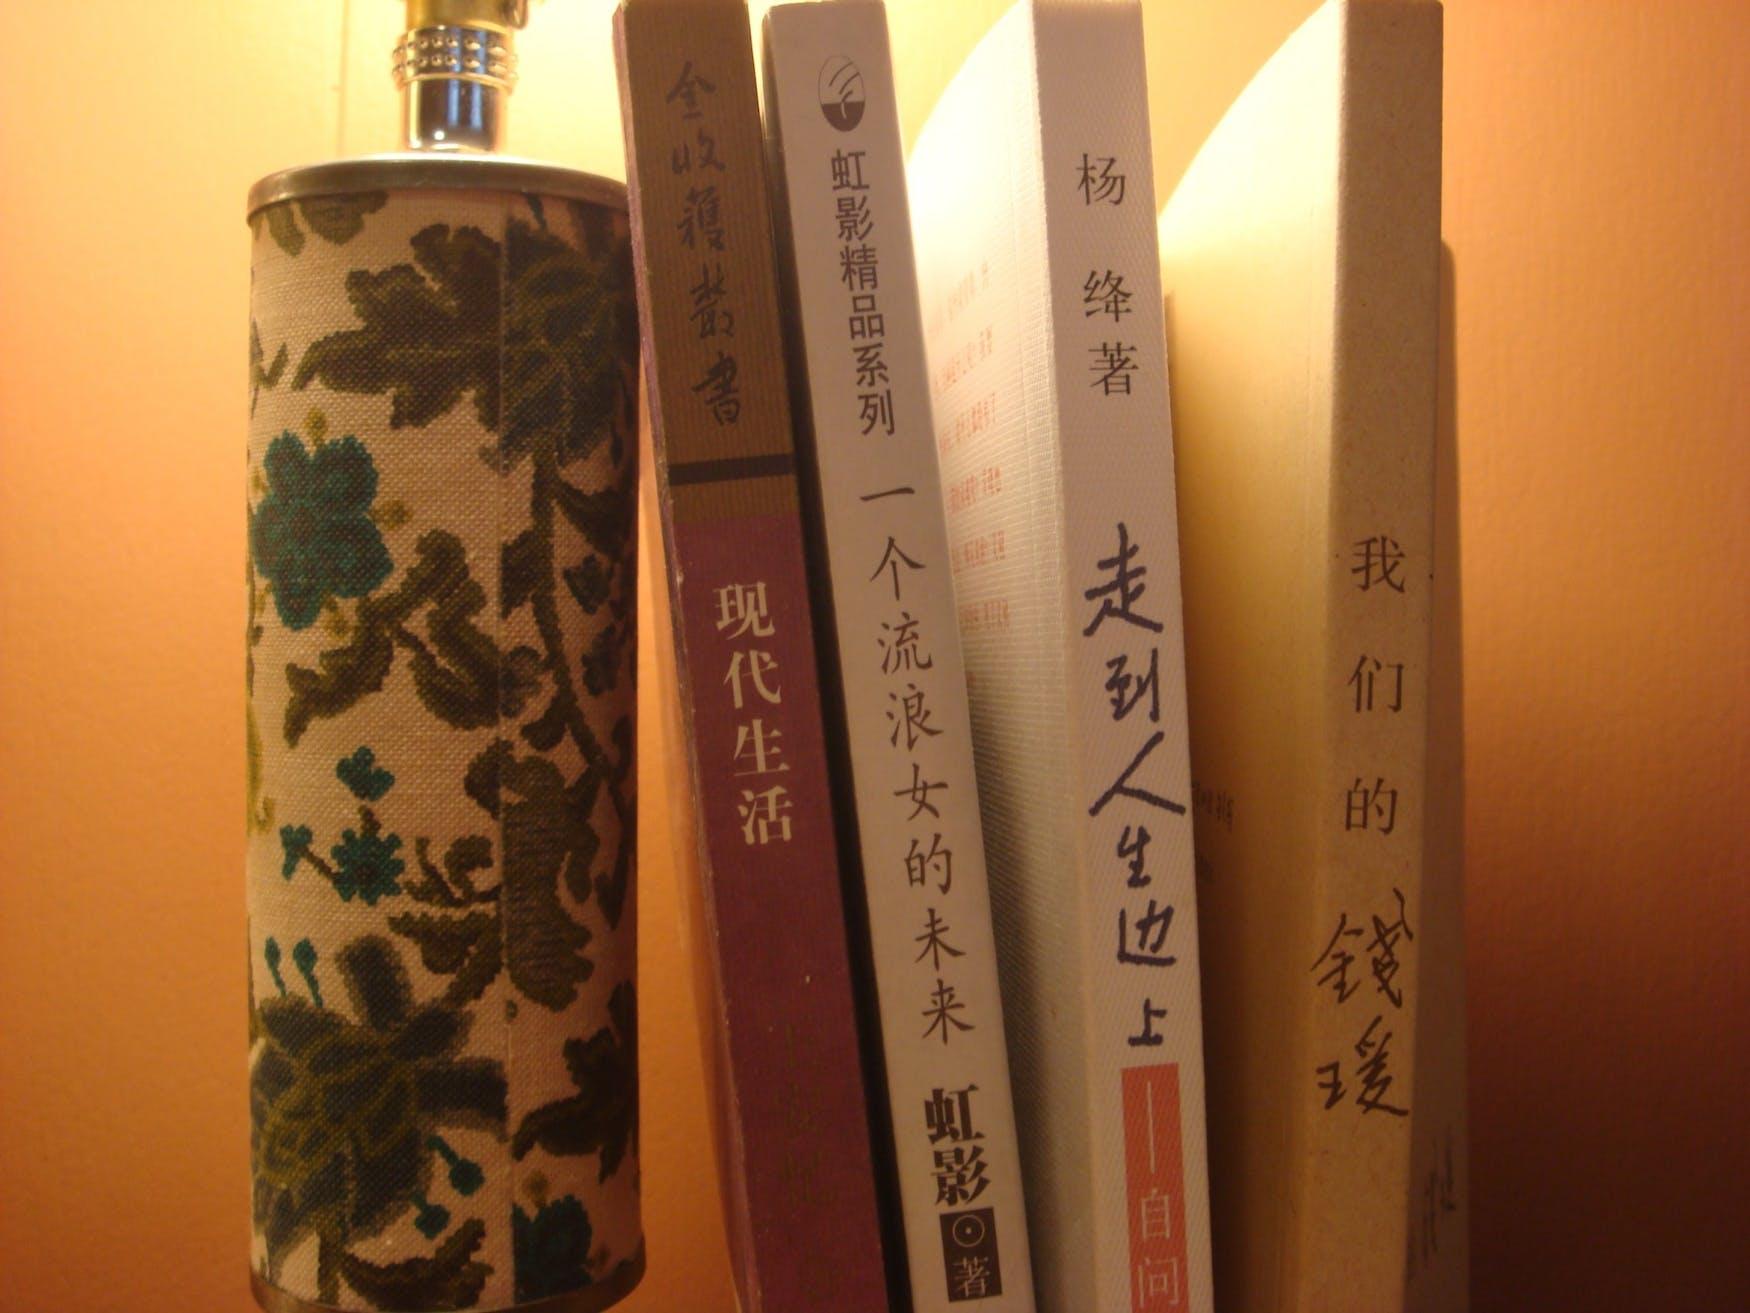 chinese-books.jpg